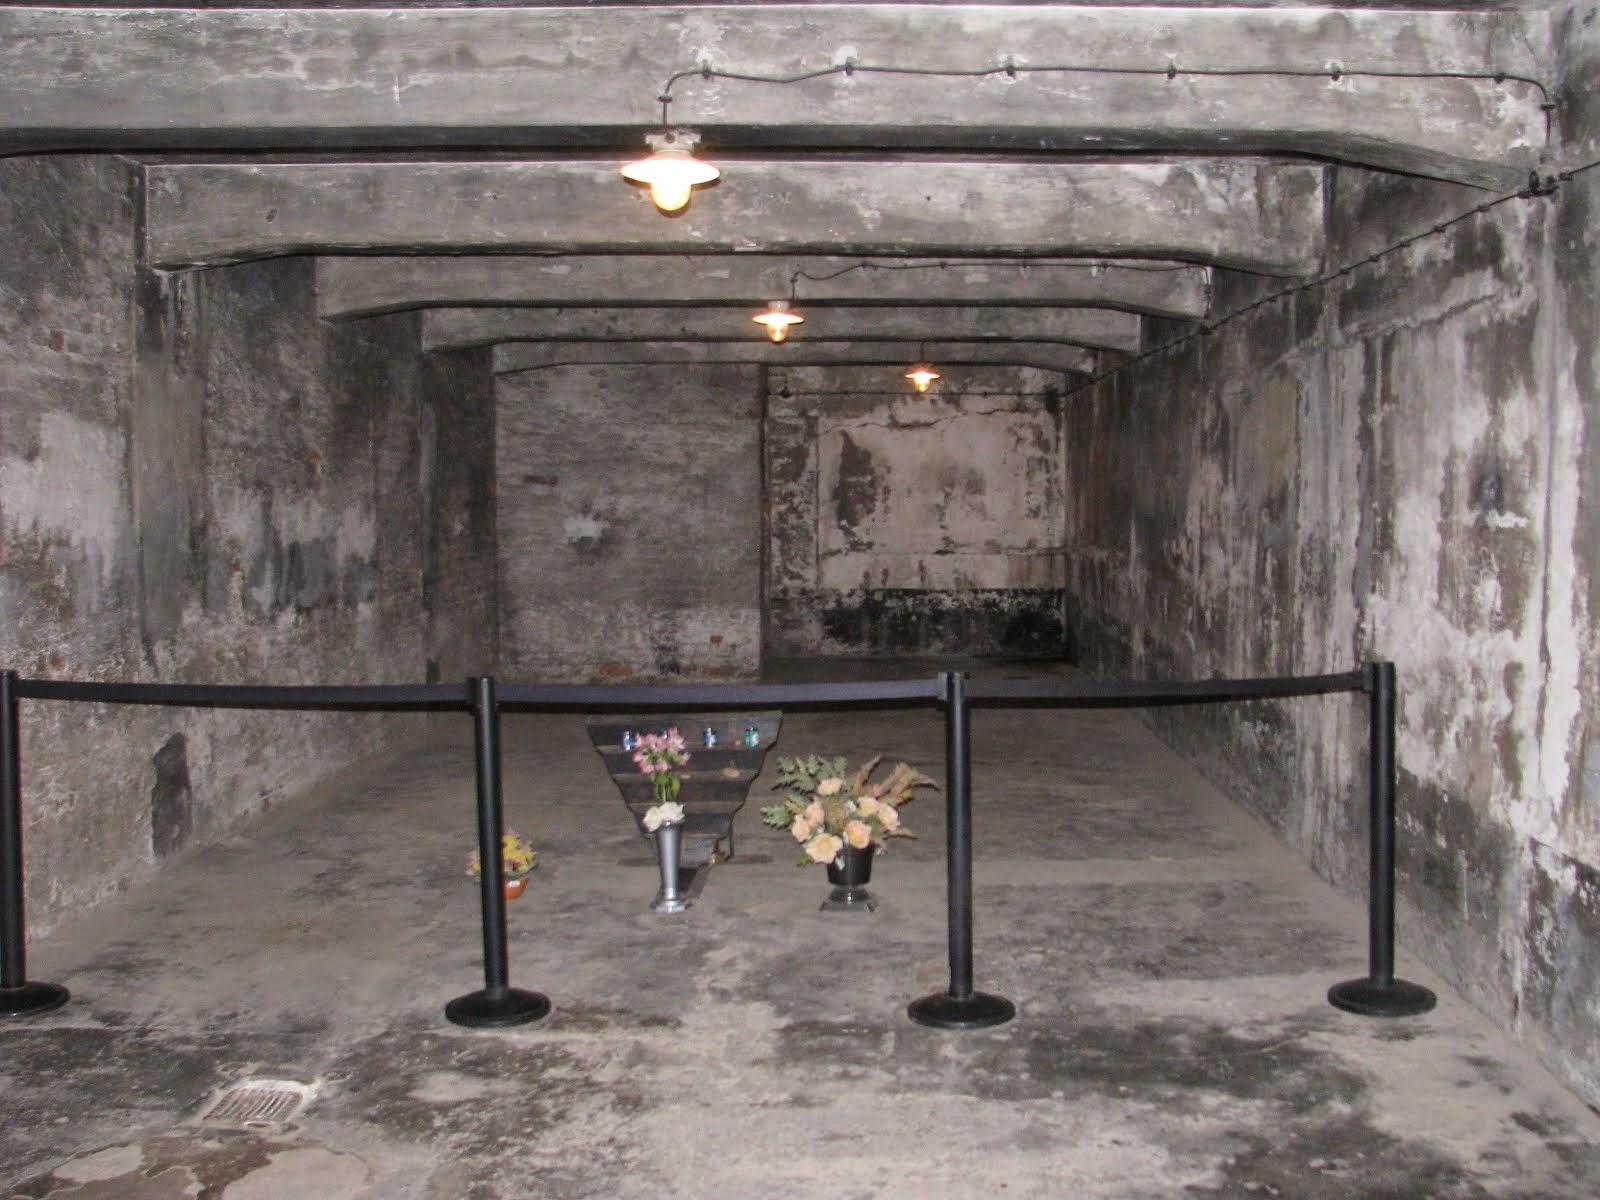 Auschwitz birkenau pour ne jamais oublier for Auschwitz chambre a gaz